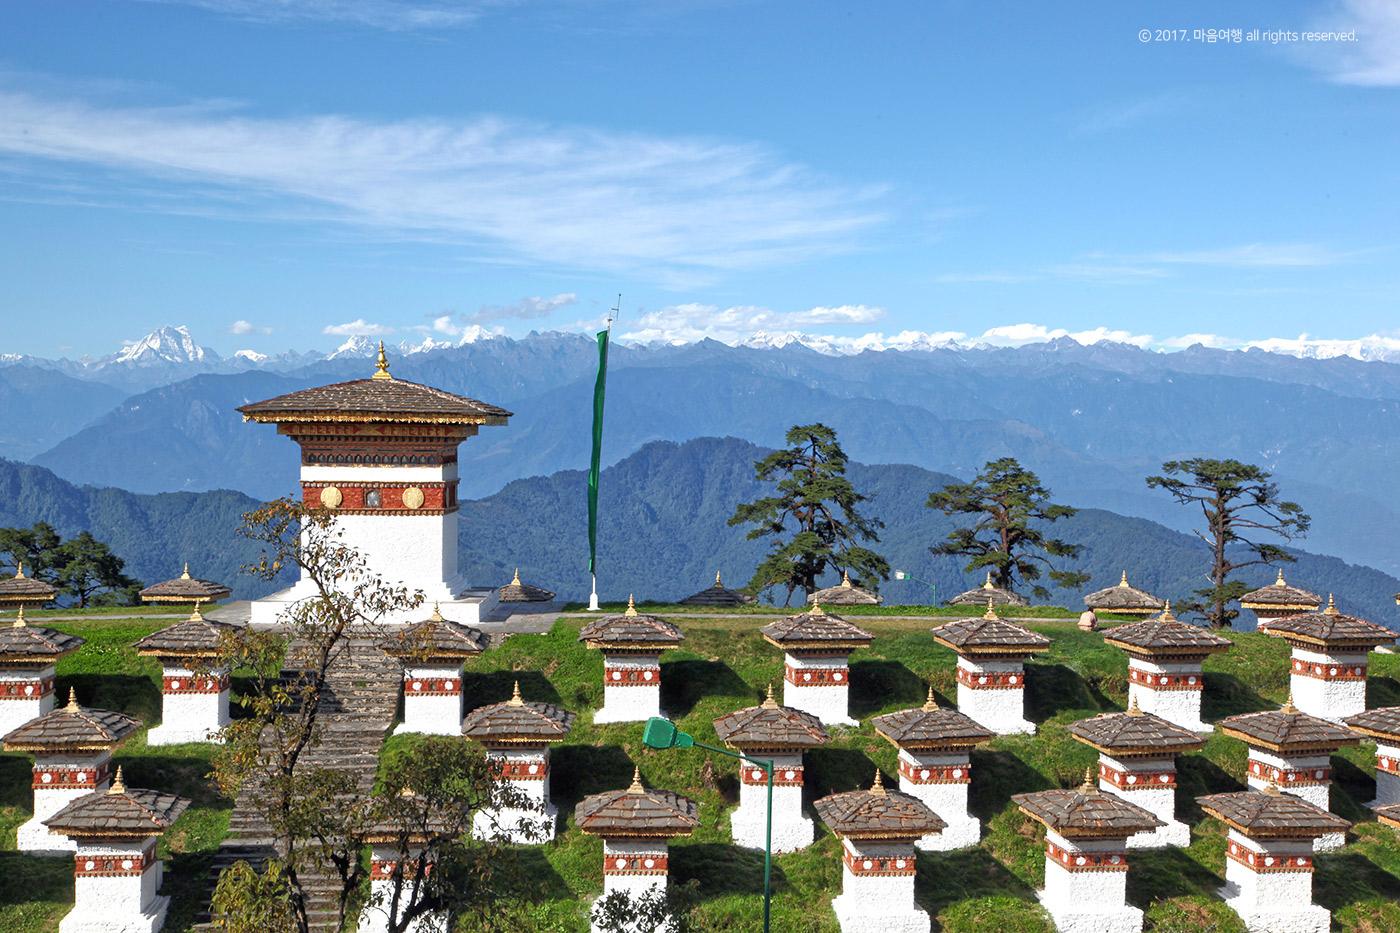 히말라야 산맥이 보이는 도출라 고개의 108탑